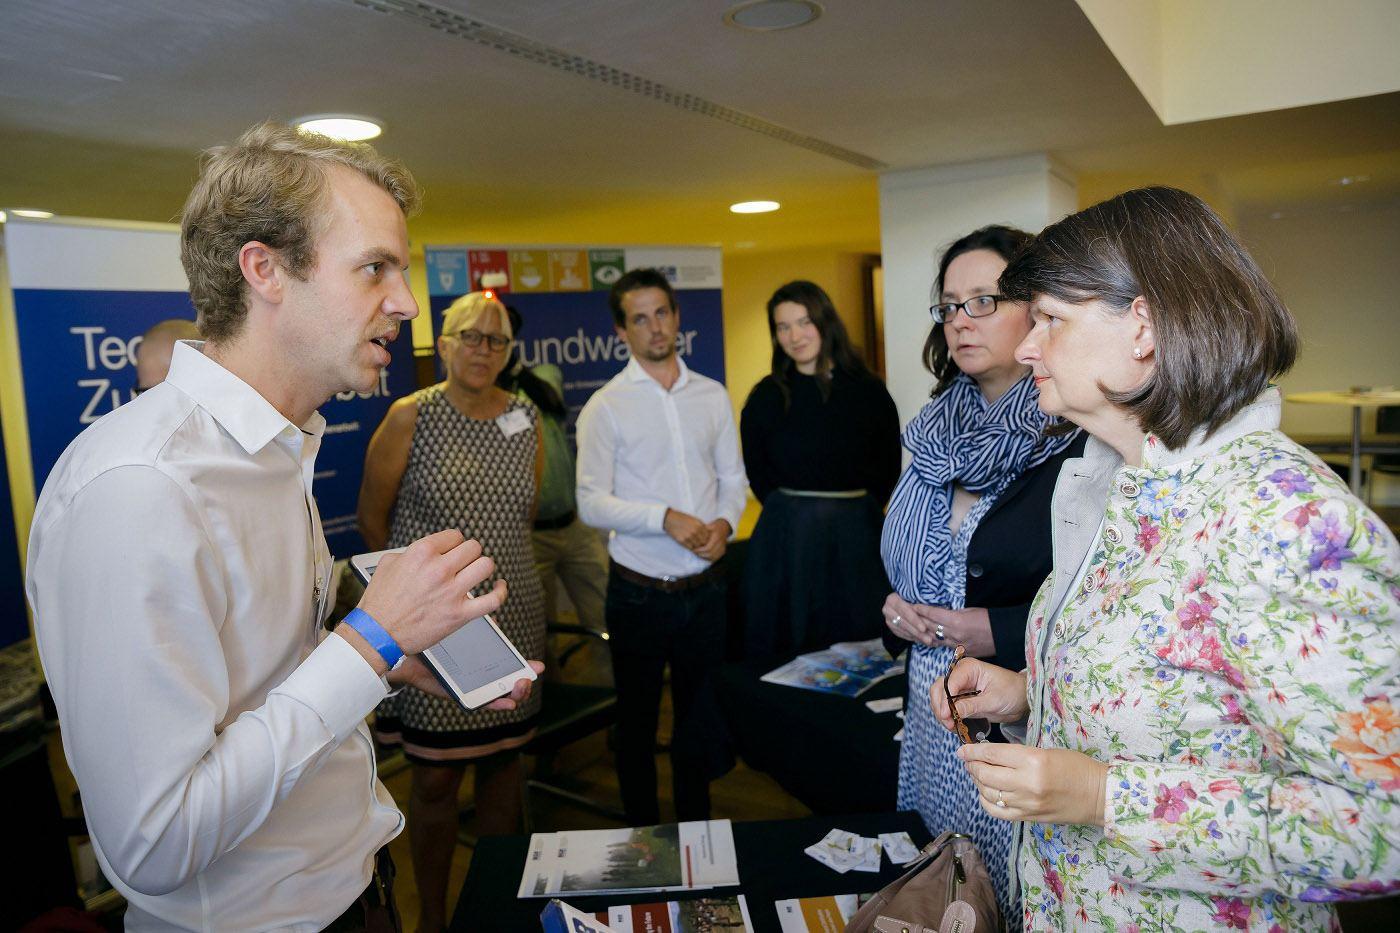 Nils Handler (left) from the BGR explaining LION